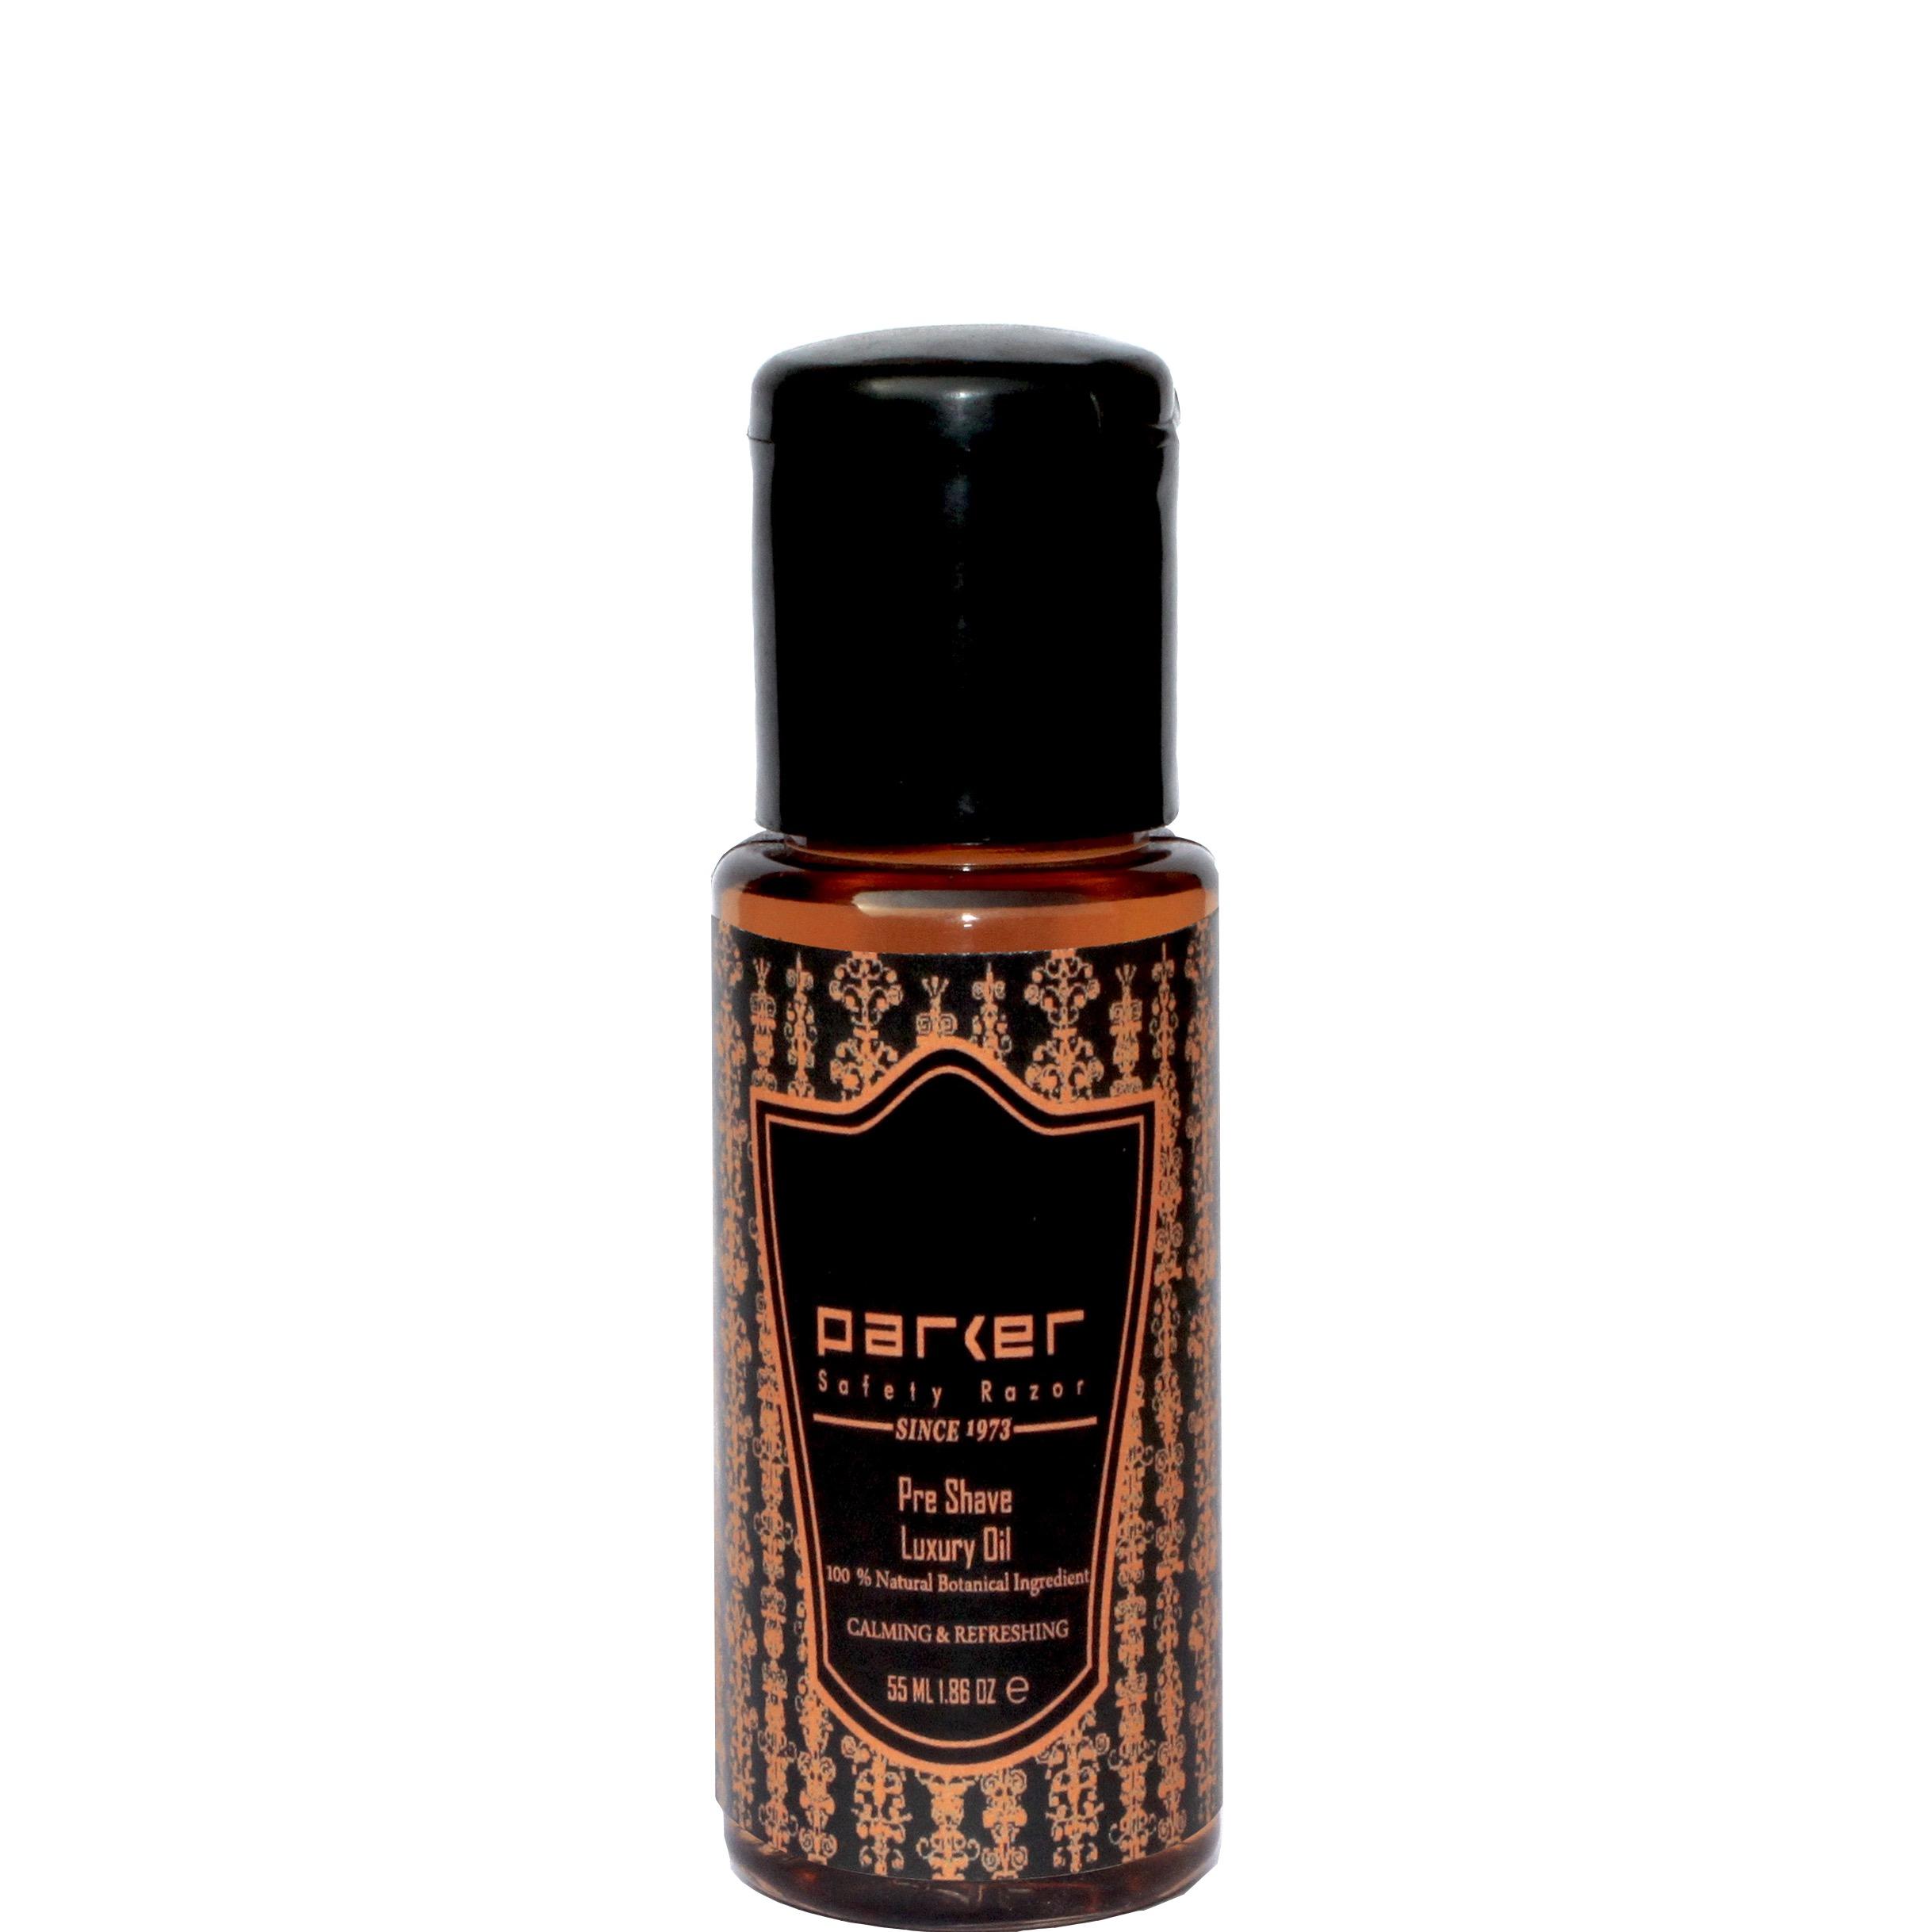 Scheerolie & Pre-shave Olie